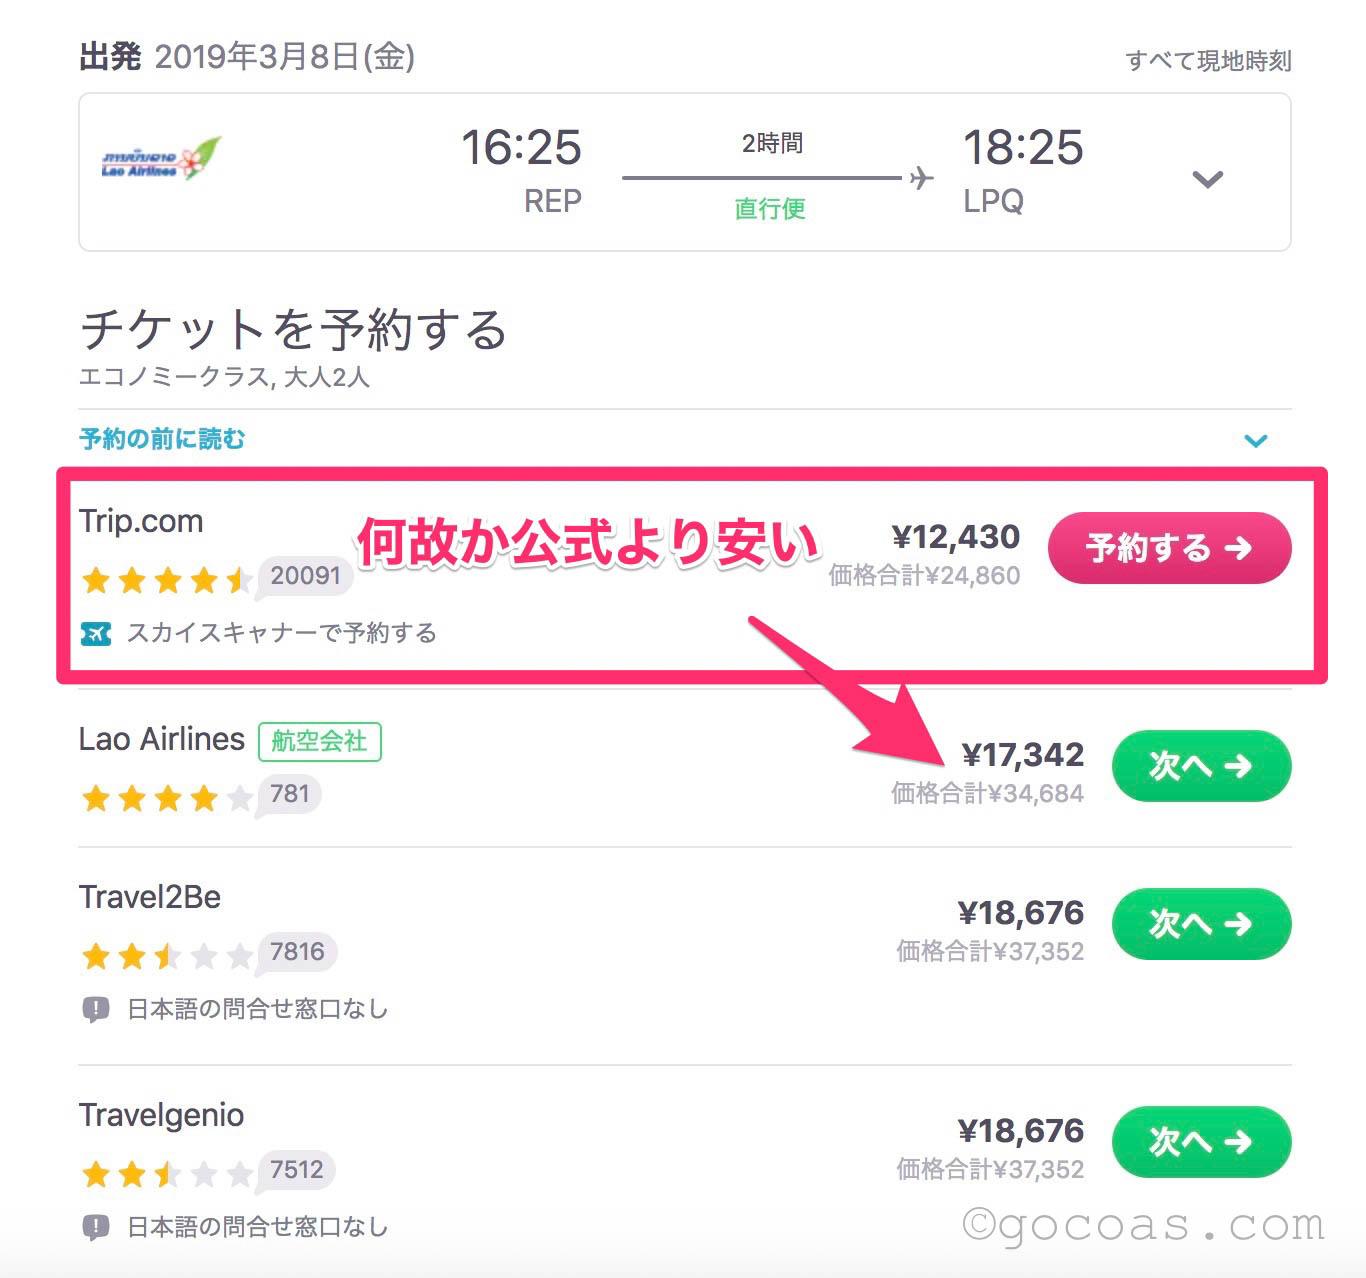 Trip.com(トリップドットコム)の航空券を購入